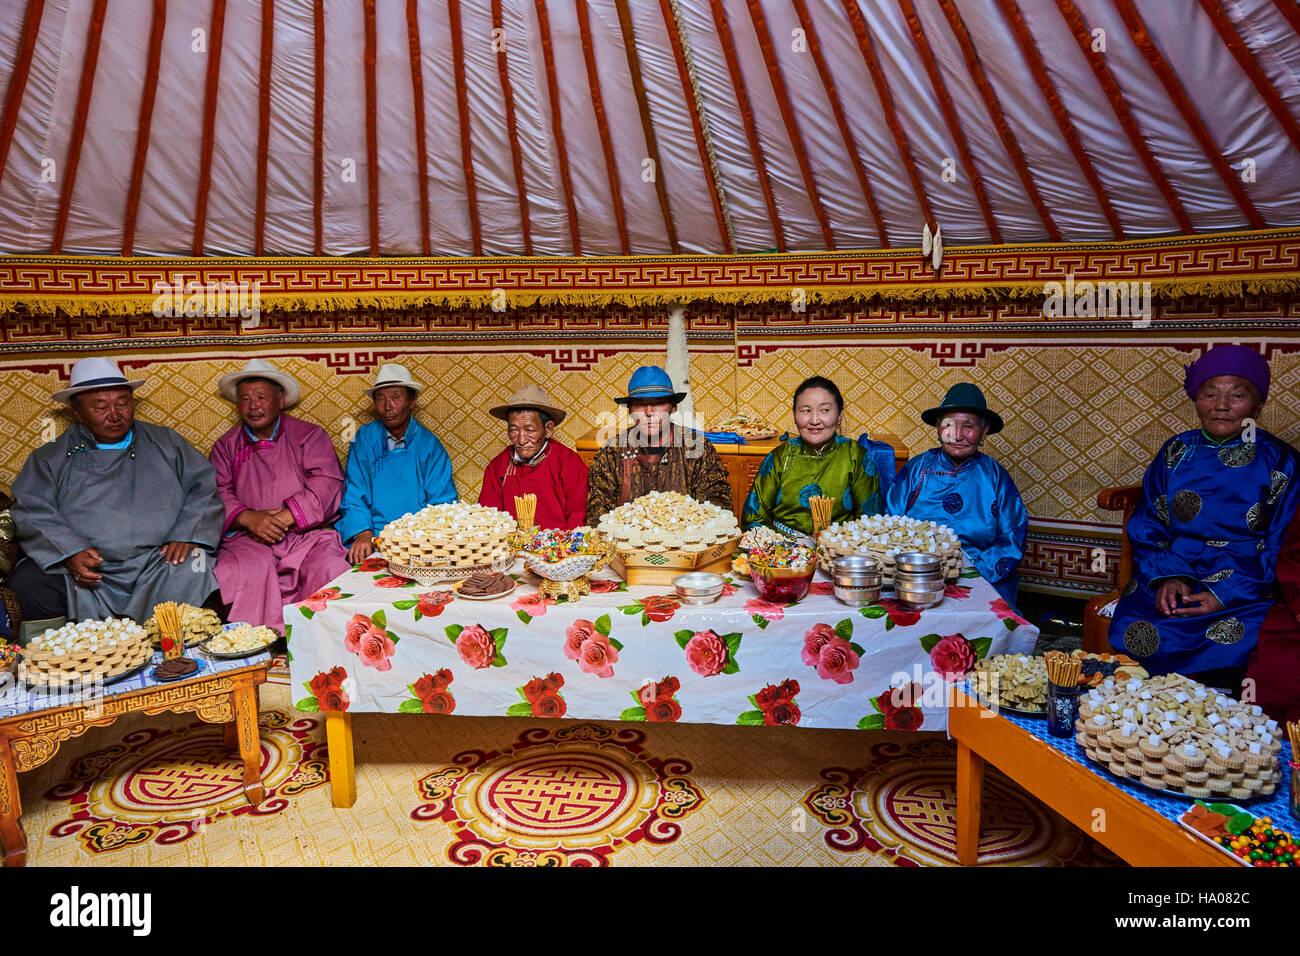 La Mongolie, province d'Uvs, l'ouest de la Mongolie, dans la yourte festival du mariage Photo Stock